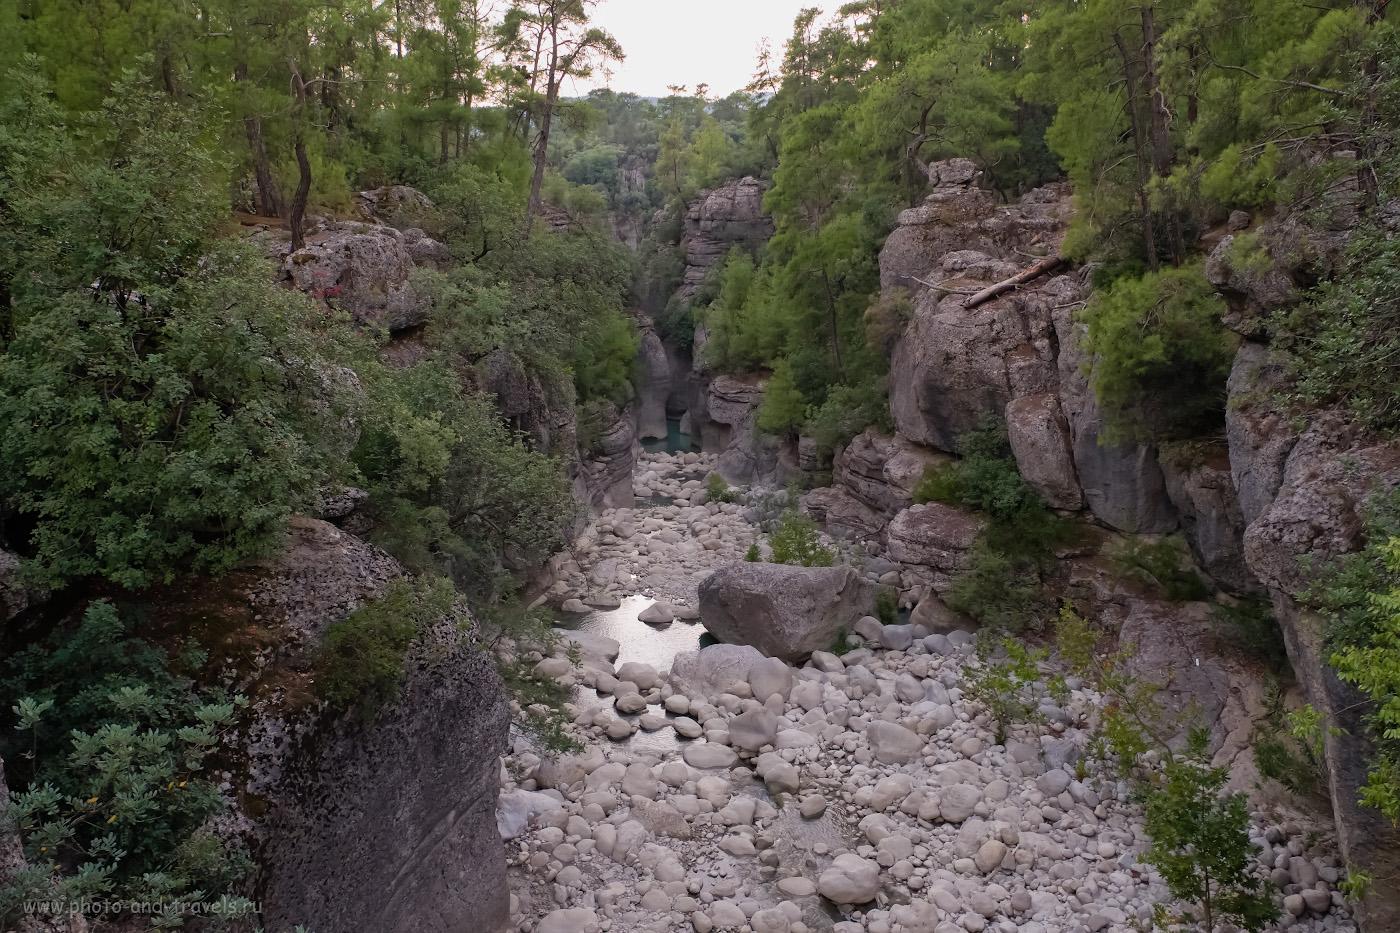 17. Вид на ущелье ручья, впадающего в реку Кёпрючай выше по течению от моста Олук. 1/50, 5.0, 3200, -0.67, 16.